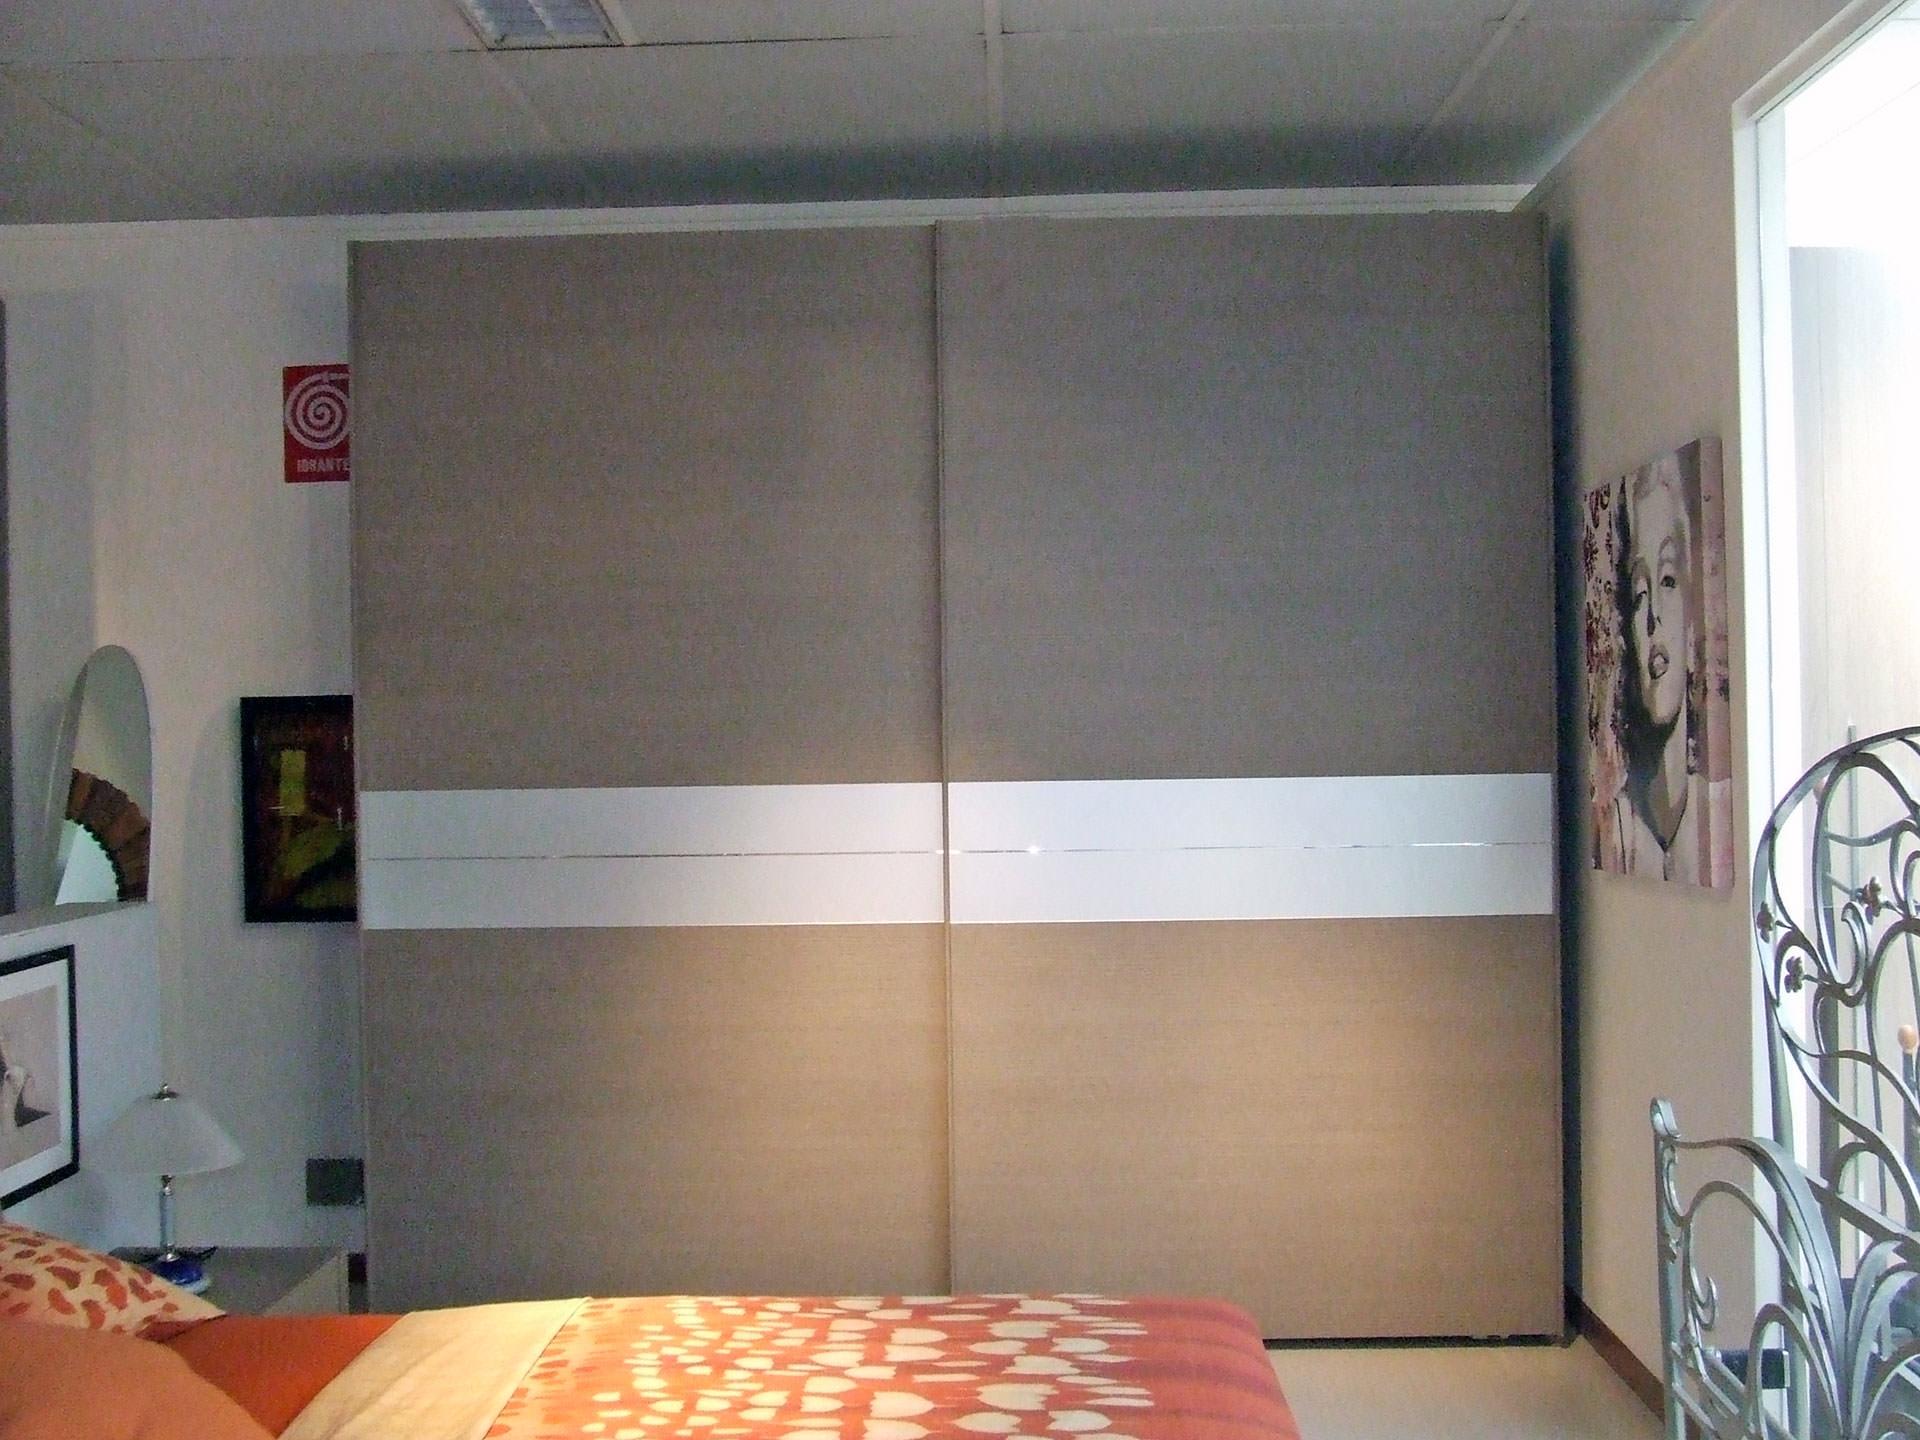 Camera s75 prodigi scontato del 30 camere a prezzi scontati - Pianeta casa san giuliano milanese ...